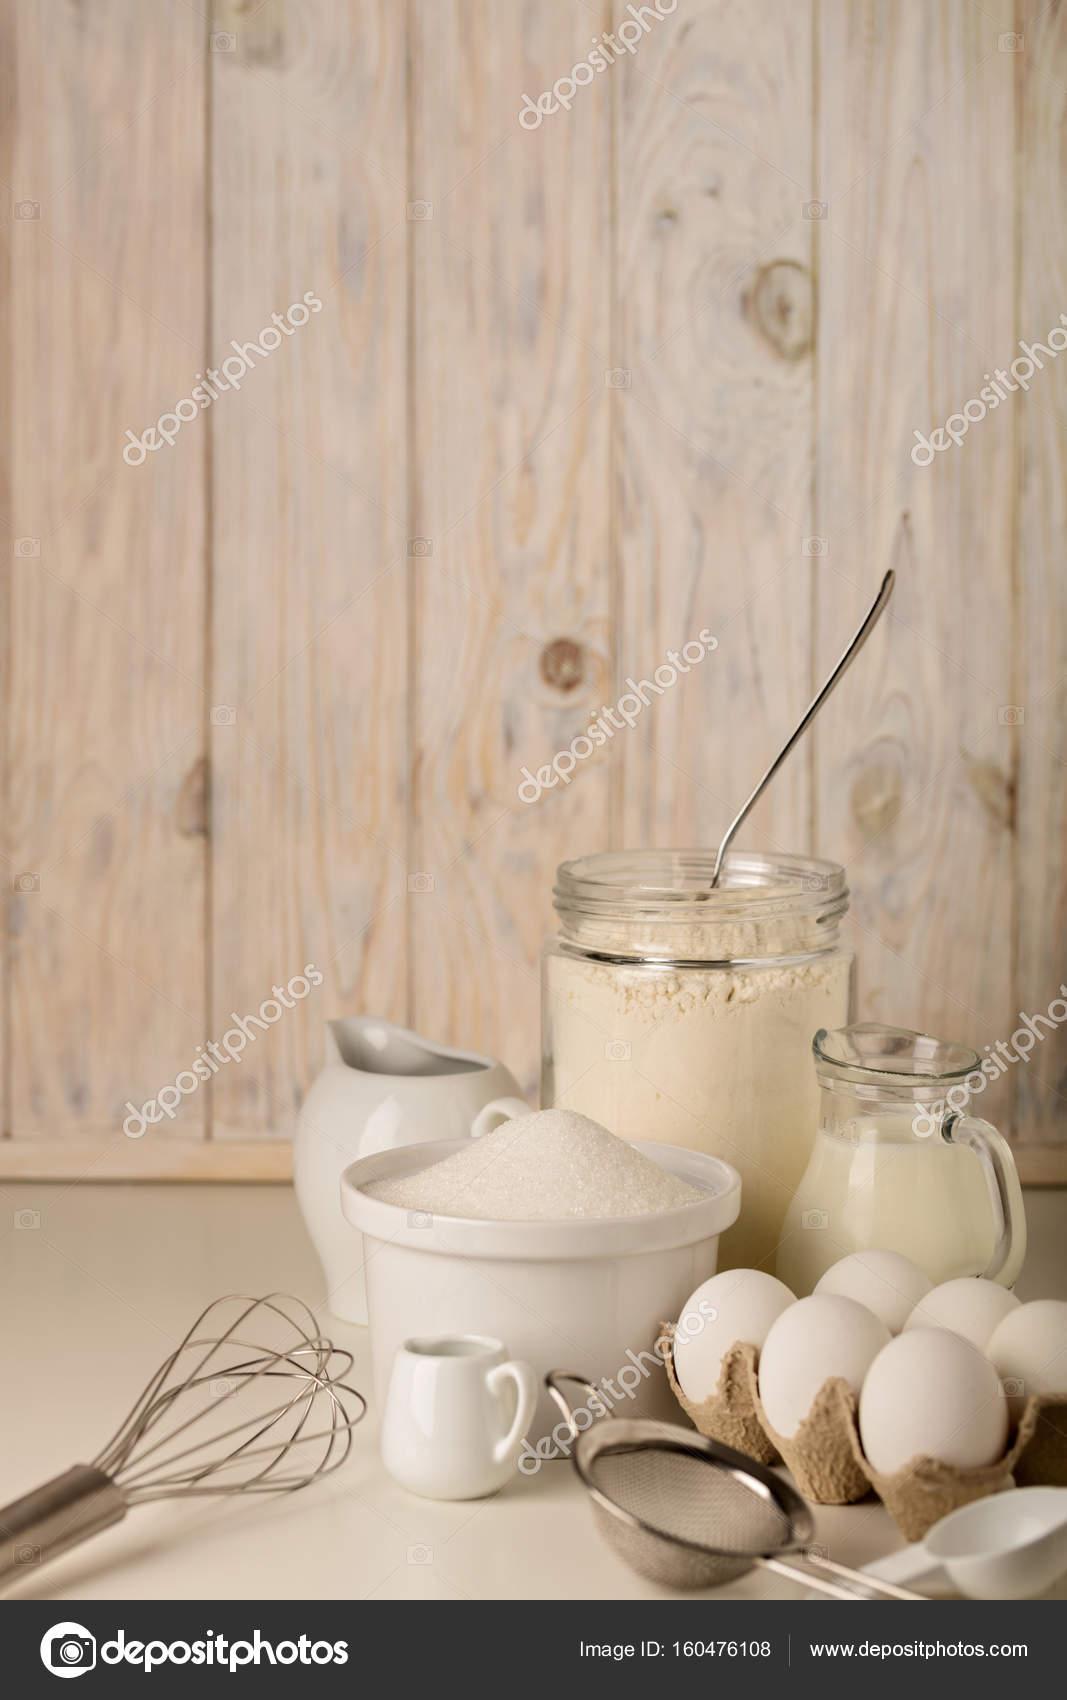 k chenger te und werkzeuge f r hausgemachte backen auf ein licht aus holz stockfoto. Black Bedroom Furniture Sets. Home Design Ideas